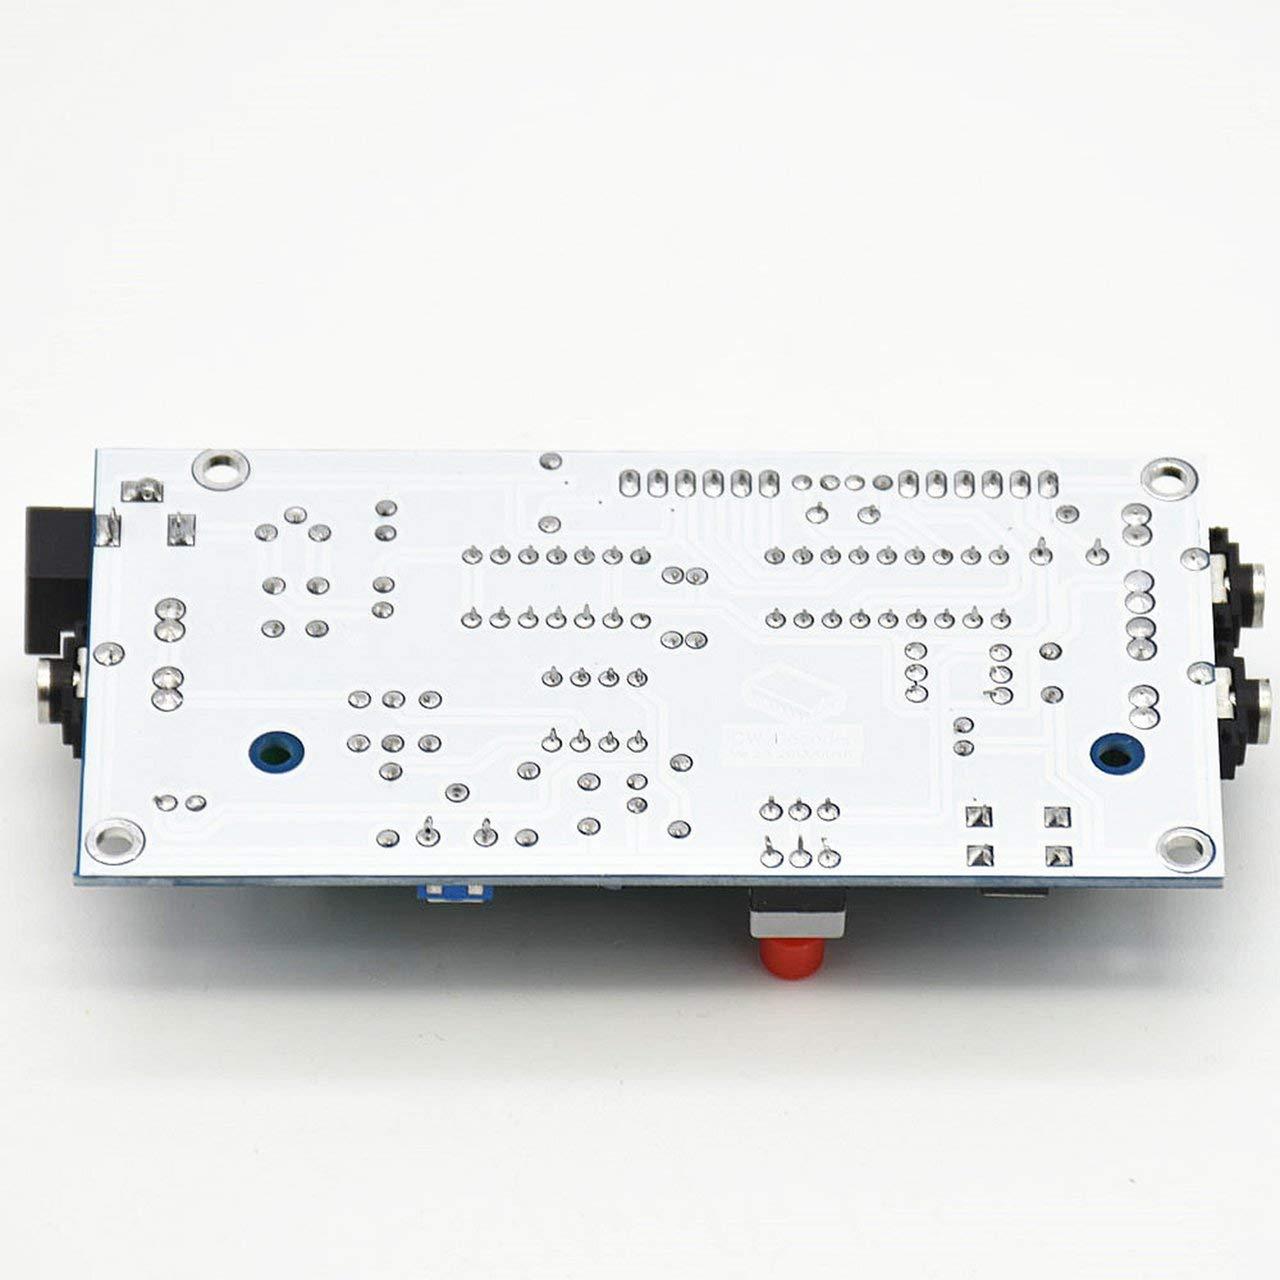 Verde Lector de c/ódigo Morse Decodificador CW Traductor de c/ódigo Morse Ham Radio Accesorio Esencial Producto Duradero ESjasnyfall